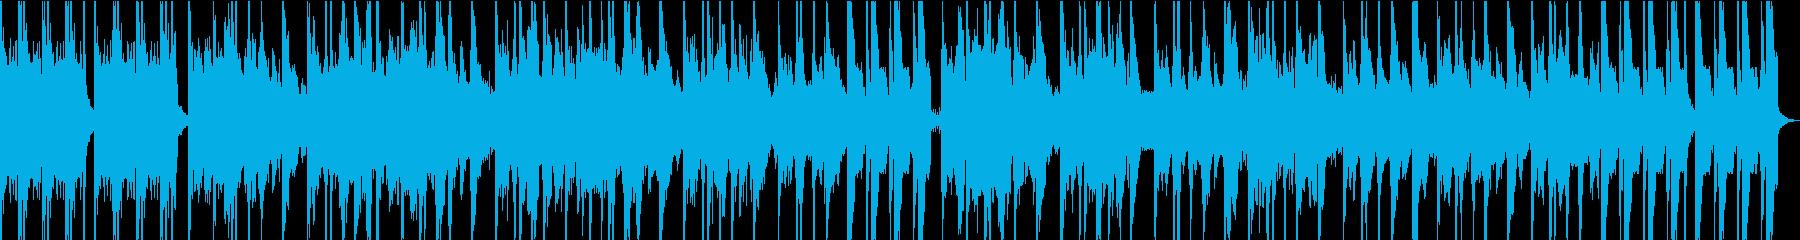 哀愁漂うLo-Fi HipHopの再生済みの波形